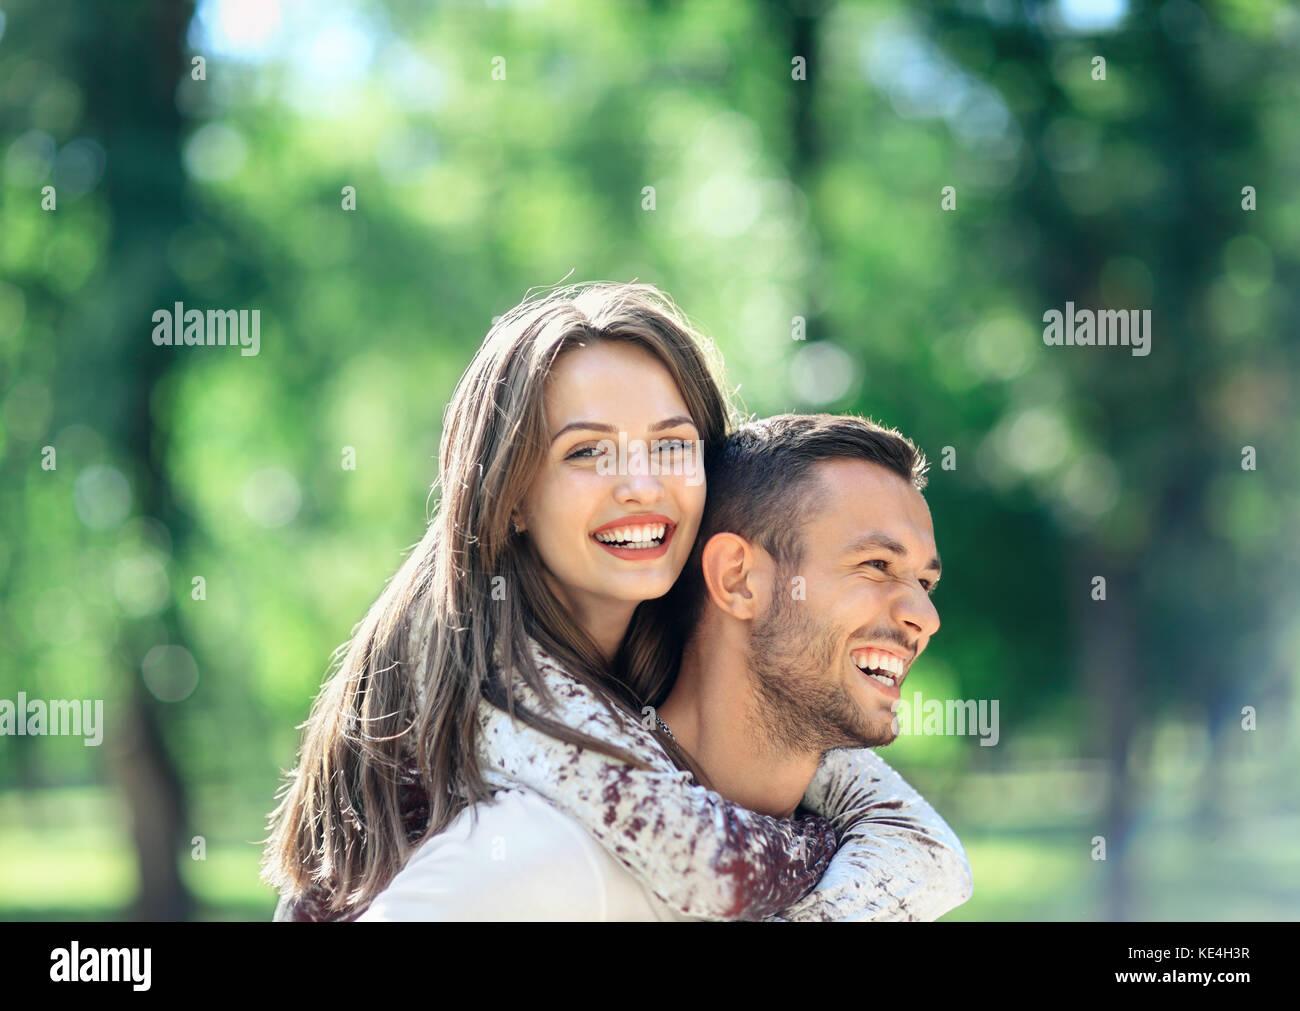 Los amantes al aire libre retrato de un hombre y una mujer joven feliz mirando a la cámara. Chica sonriente Imagen De Stock